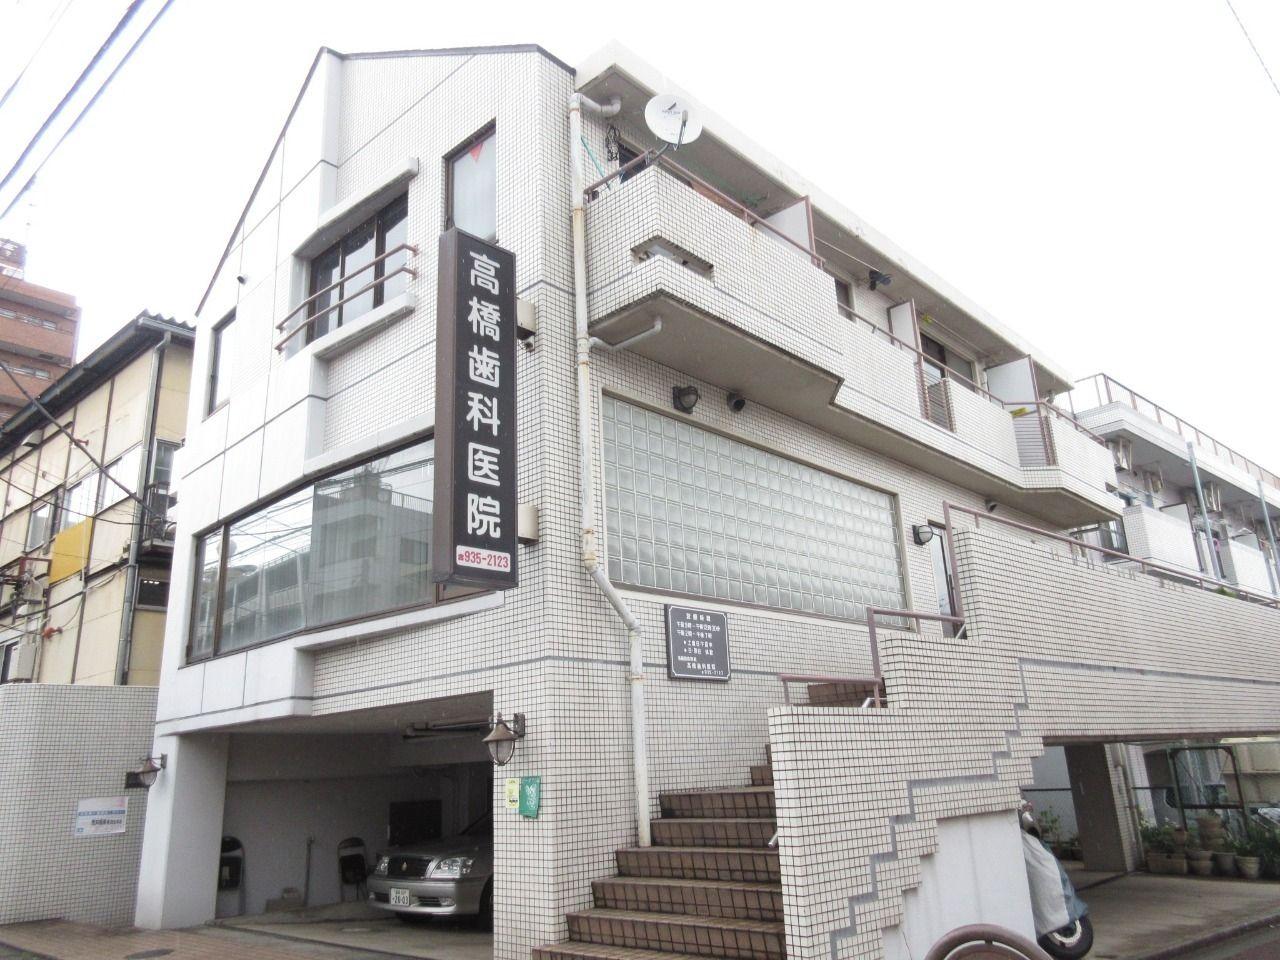 みなさまこんにちは。  板橋区西台の賃貸マンション【高橋デンタルビル305号室】を藤ホーム地所株式会社の遠藤がご紹介いたします。